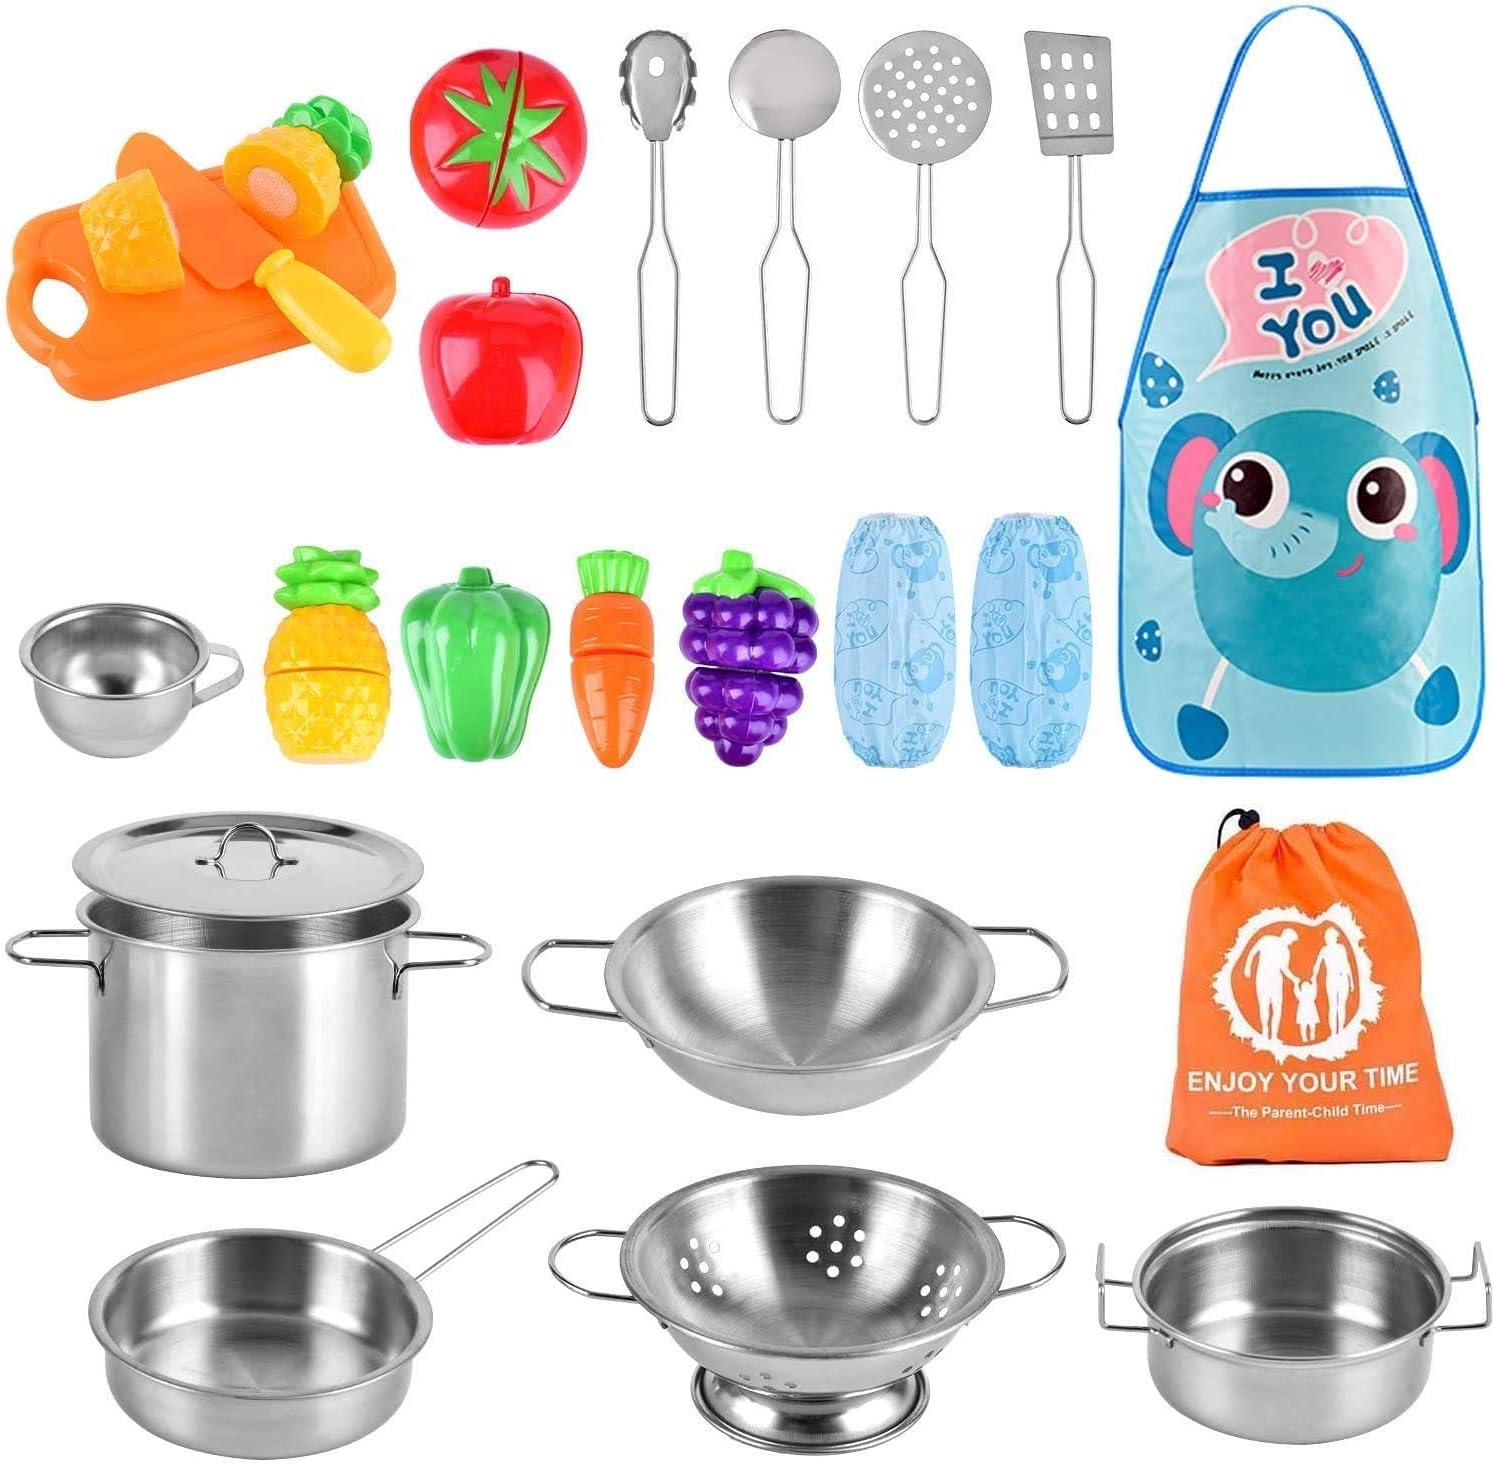 AMOYEE Juguetes de Cocina para niños, 25 Piezas Juguetes de Chef para Niños, Utensilios de Cocina de Acero Inoxidable, Manga, Vegetales para Cortar, Apto para niños Mayores de 3 años